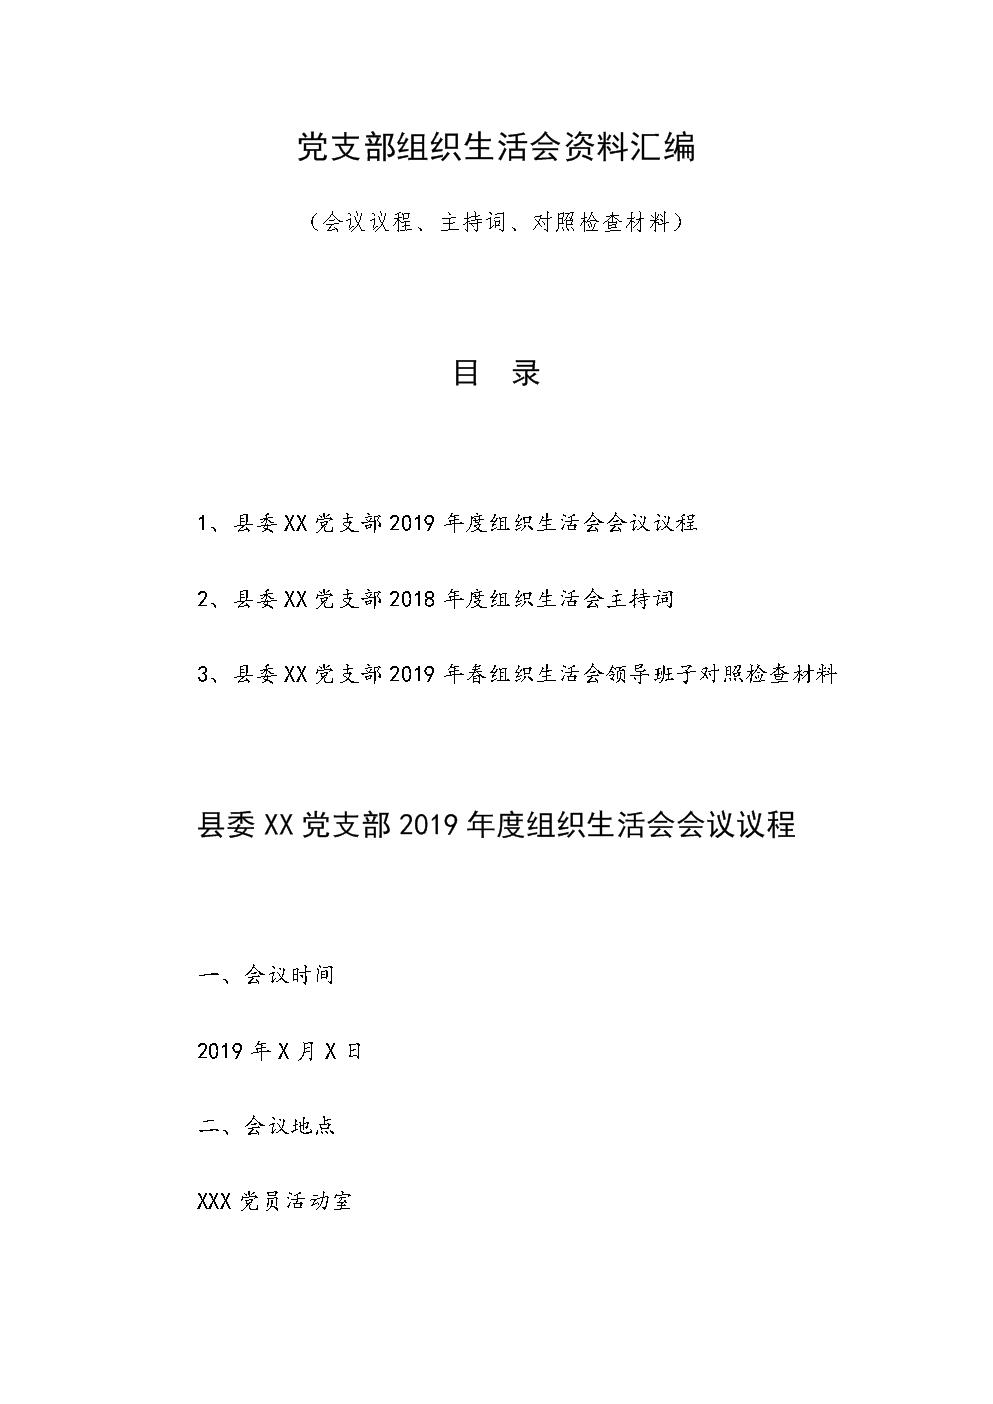 党支部组织生活会资料汇编(会议议程、主持词、对照检查材料).docx